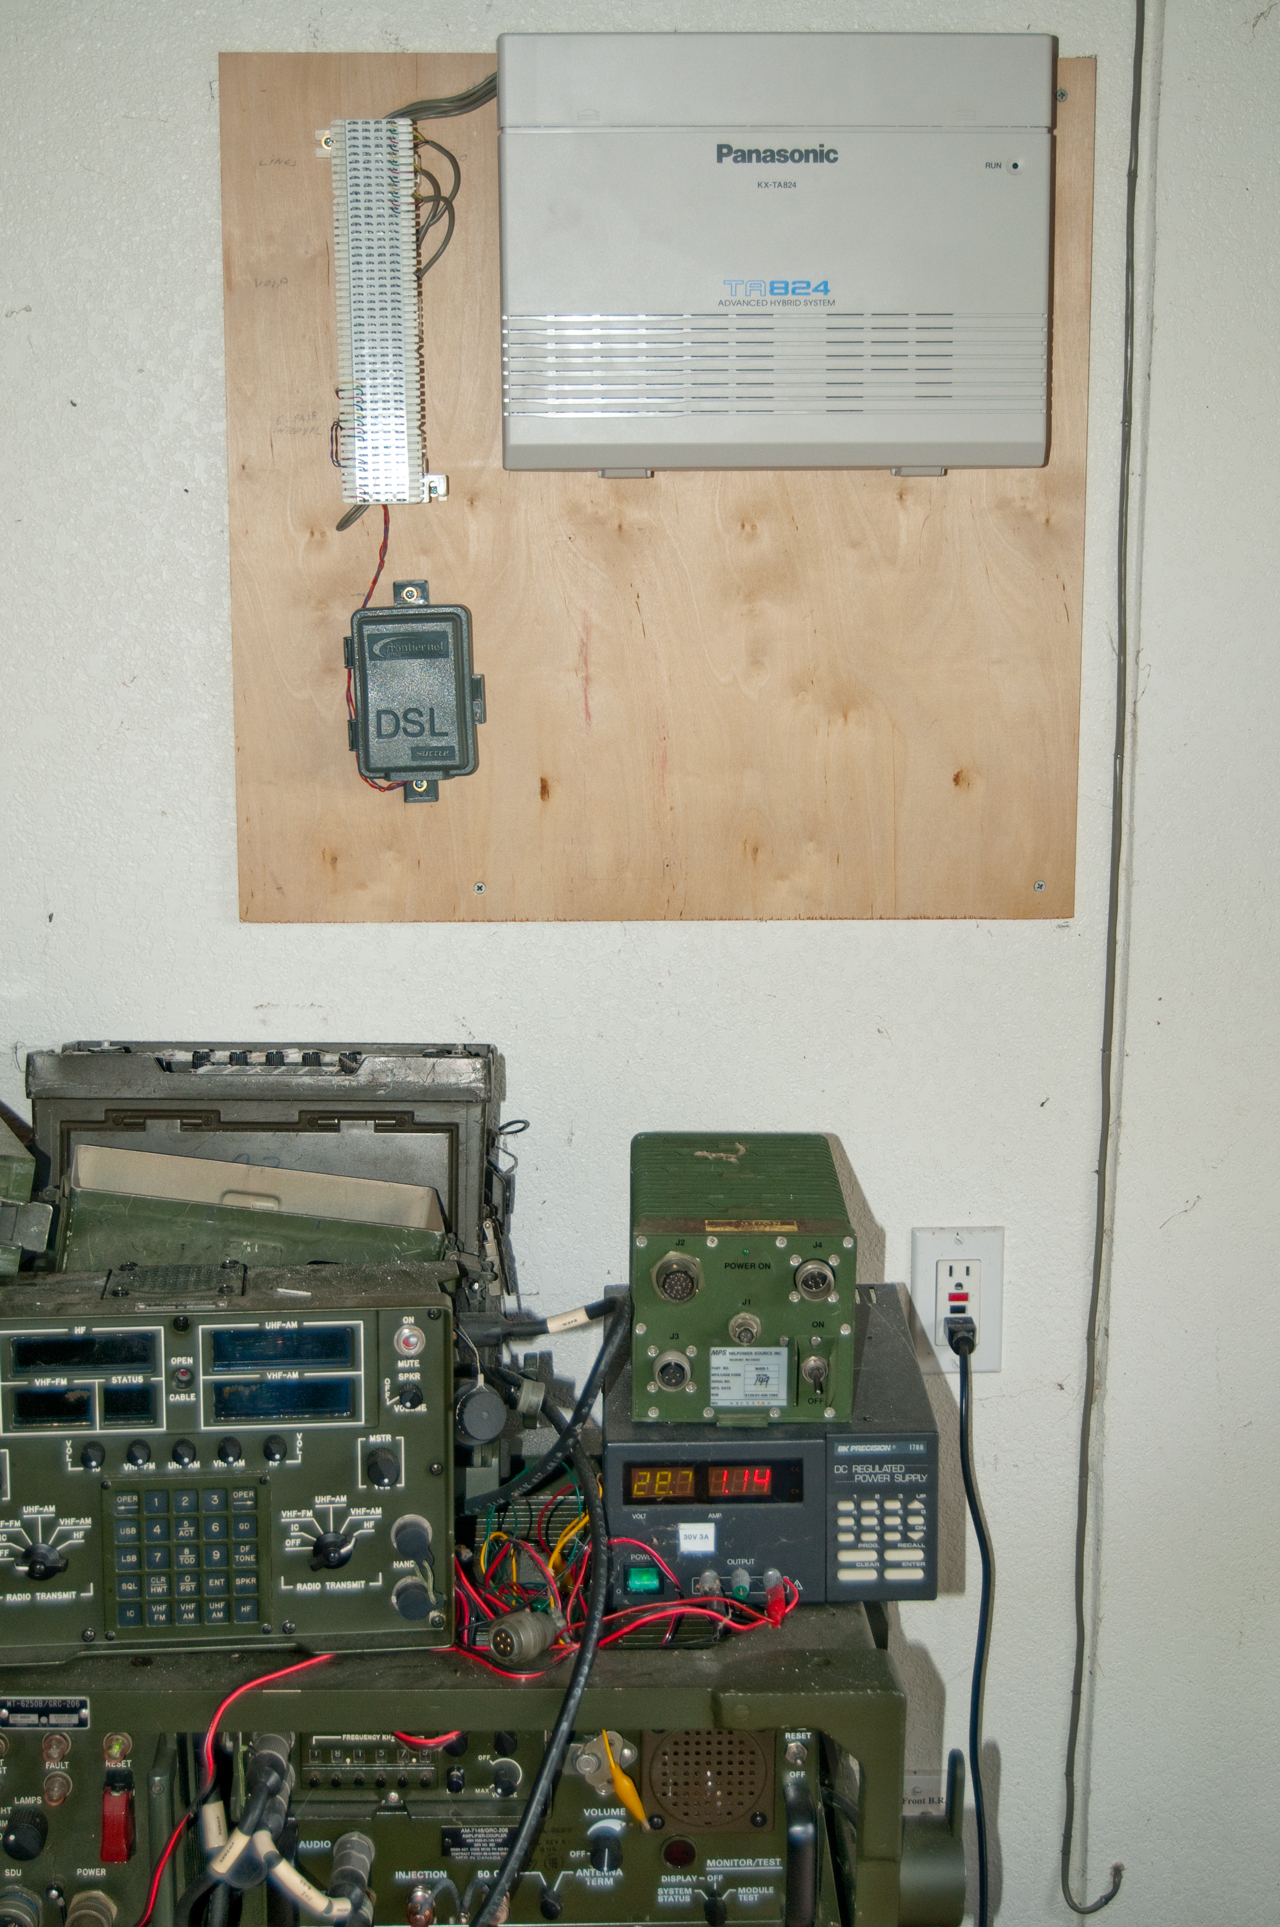 hight resolution of panasonic kx ta824 telephone system panasonic owner s manual panasonic phone system wiring